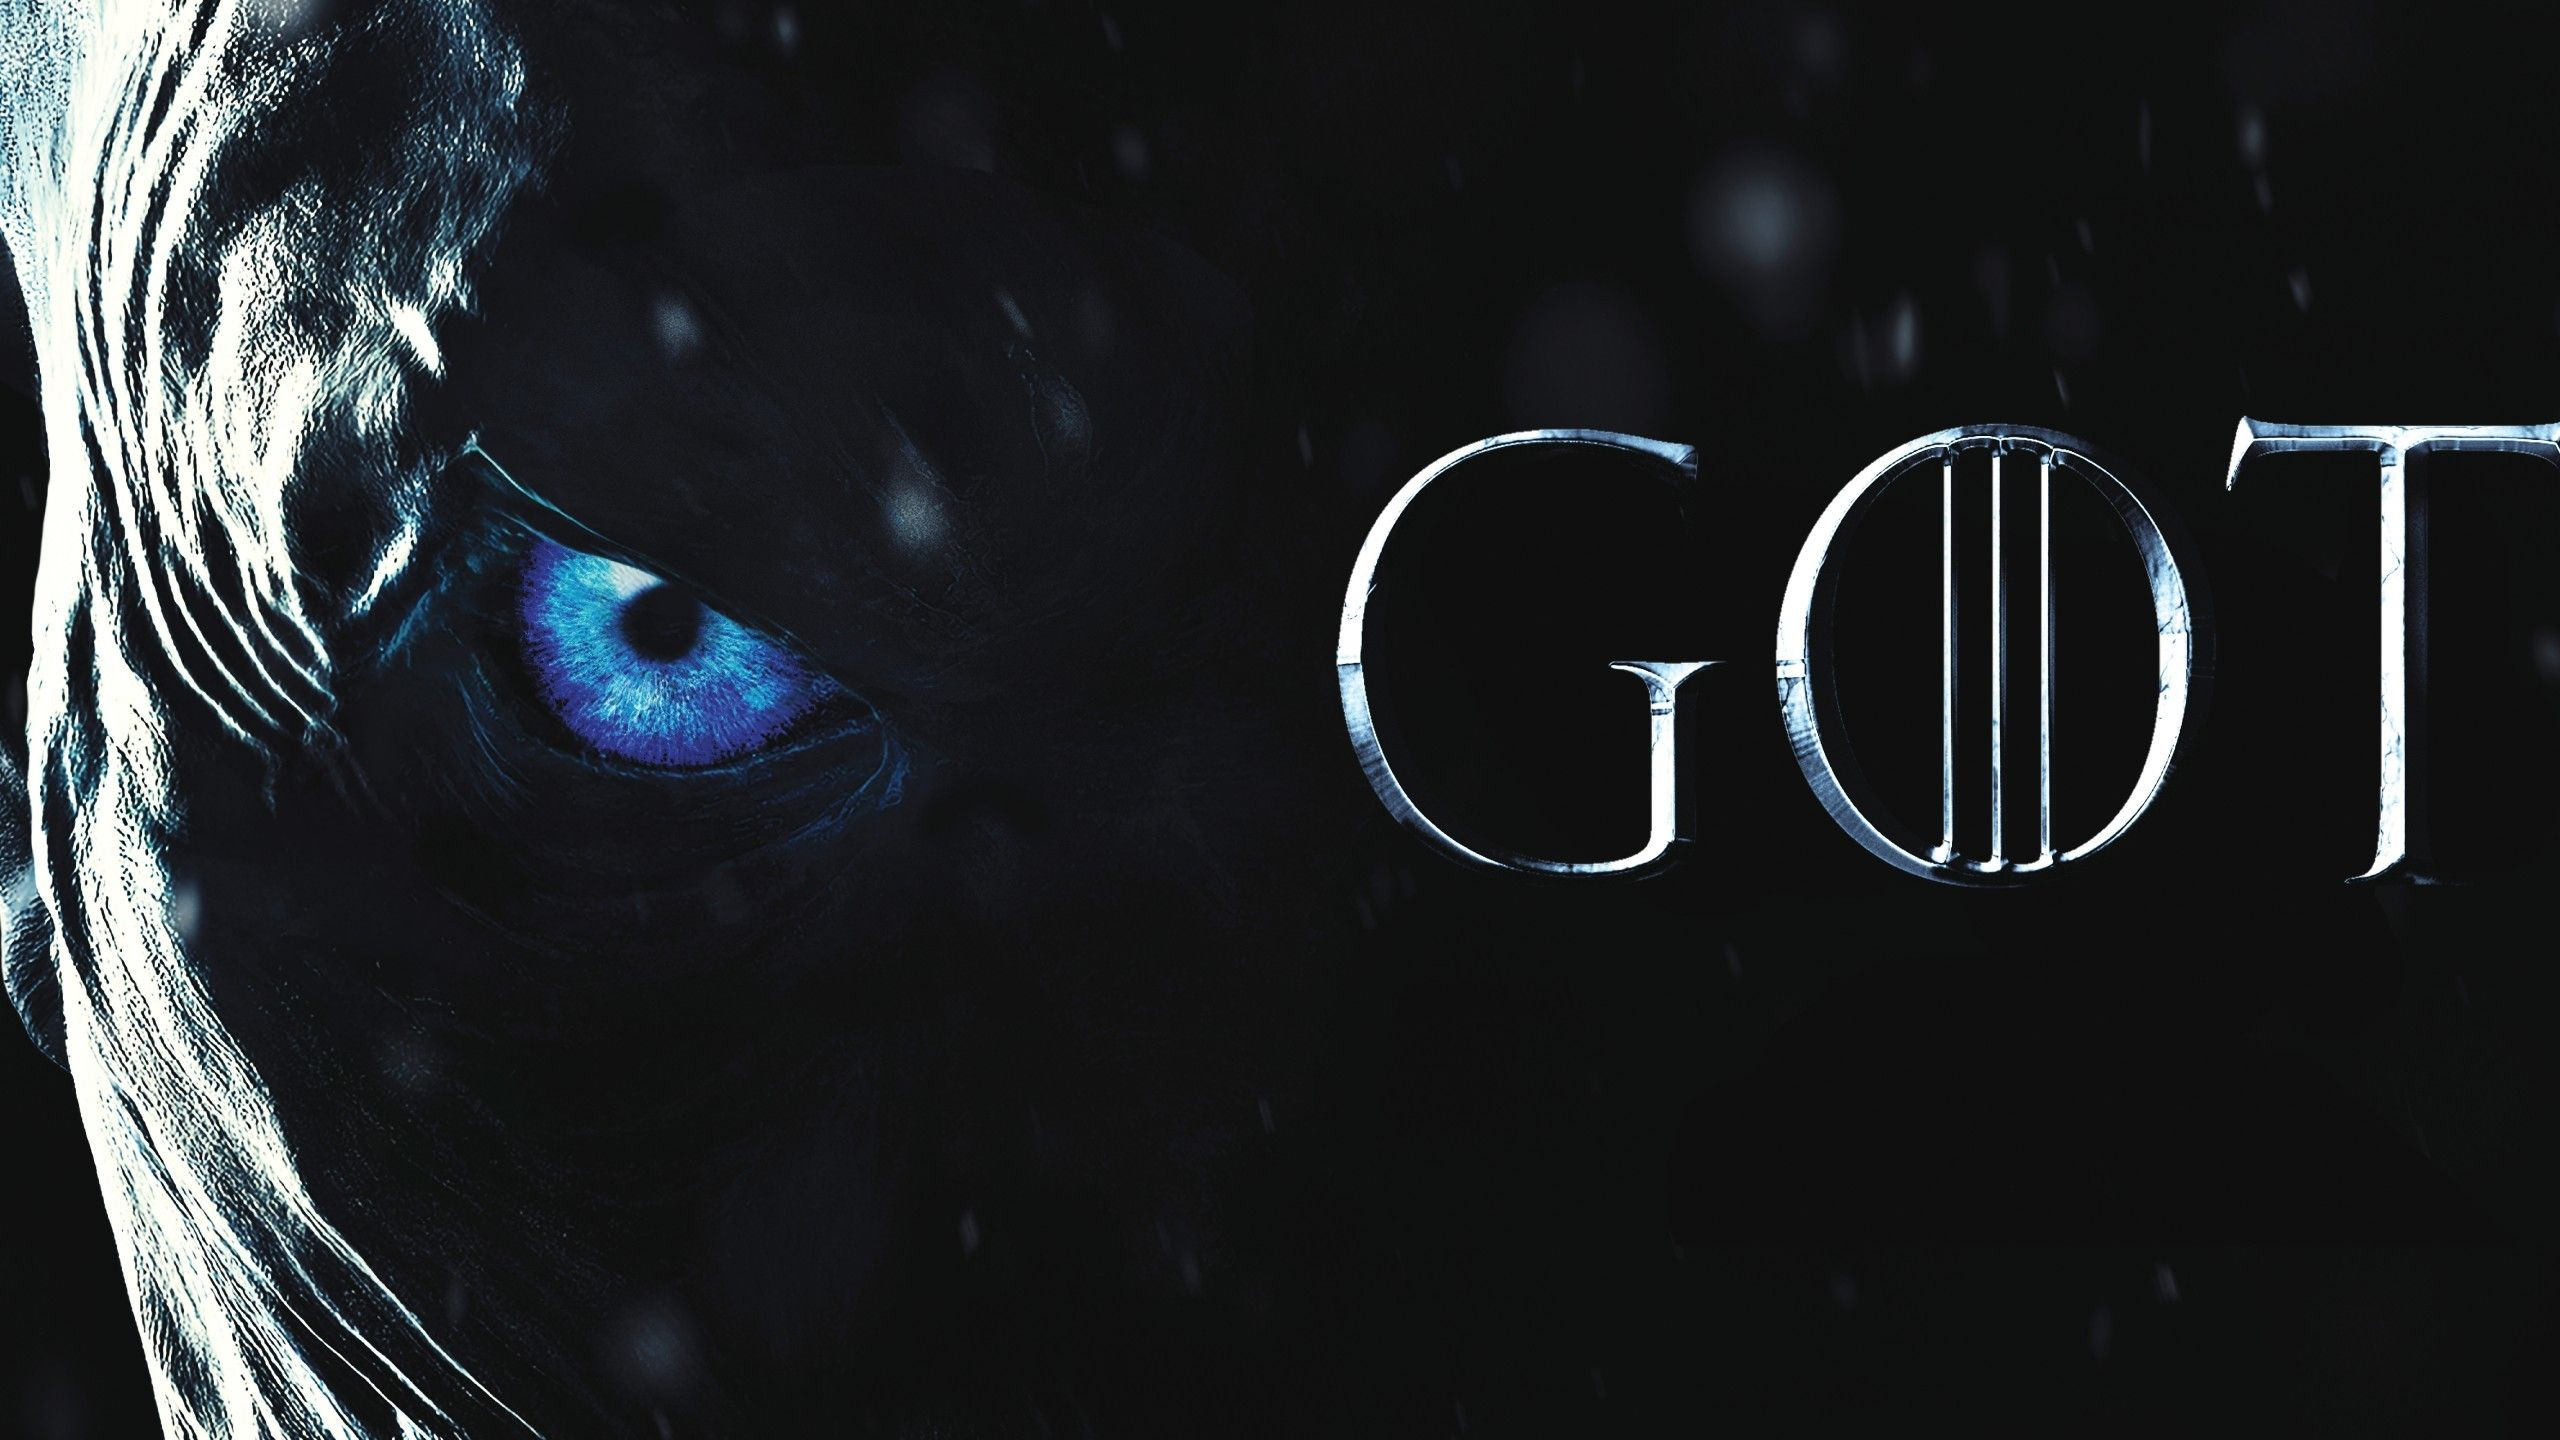 2560x1440 Tv Dizisi Oyun Thrones Duvar Kağıdı Game Of Thrones